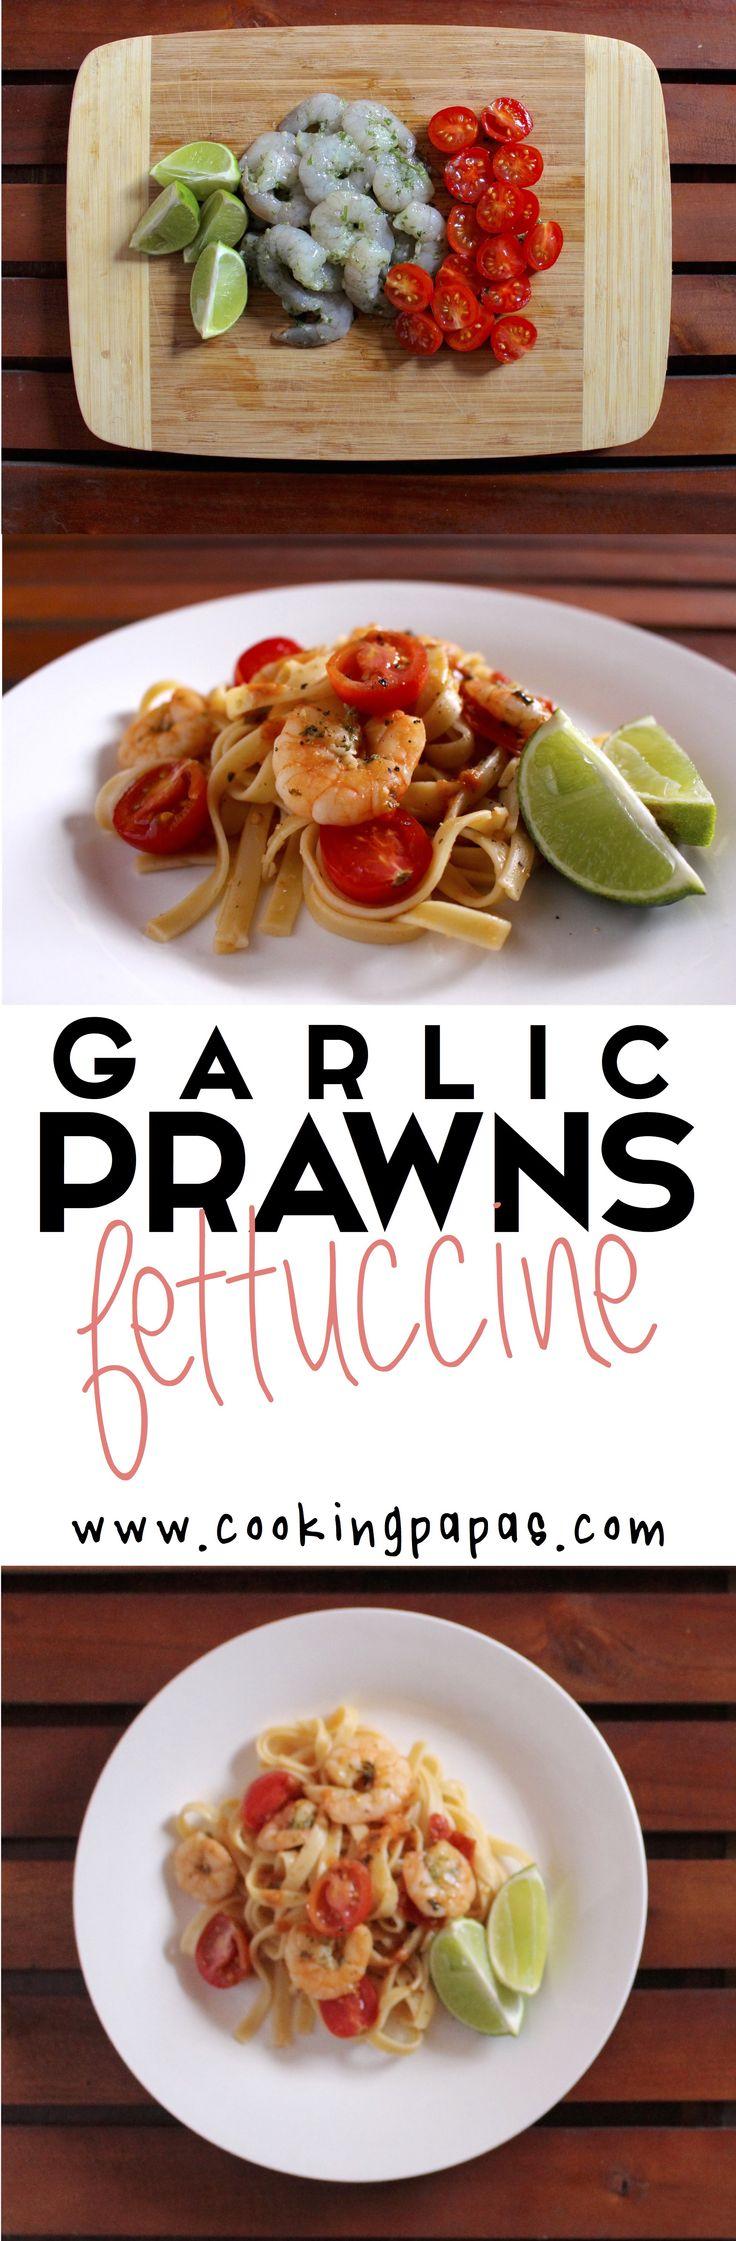 Pastas • 15 min para hacer • 1-2 porciones  Ingredientes  Pasta tipo Fettuccine • Tomates Cherry • Camarones 5-6 c/p • Ajo • Sal • Pimienta • Perejil • 1 limón • Aceite de oliva • Albahaca fresca • Media cucharada de pasta de tomate.